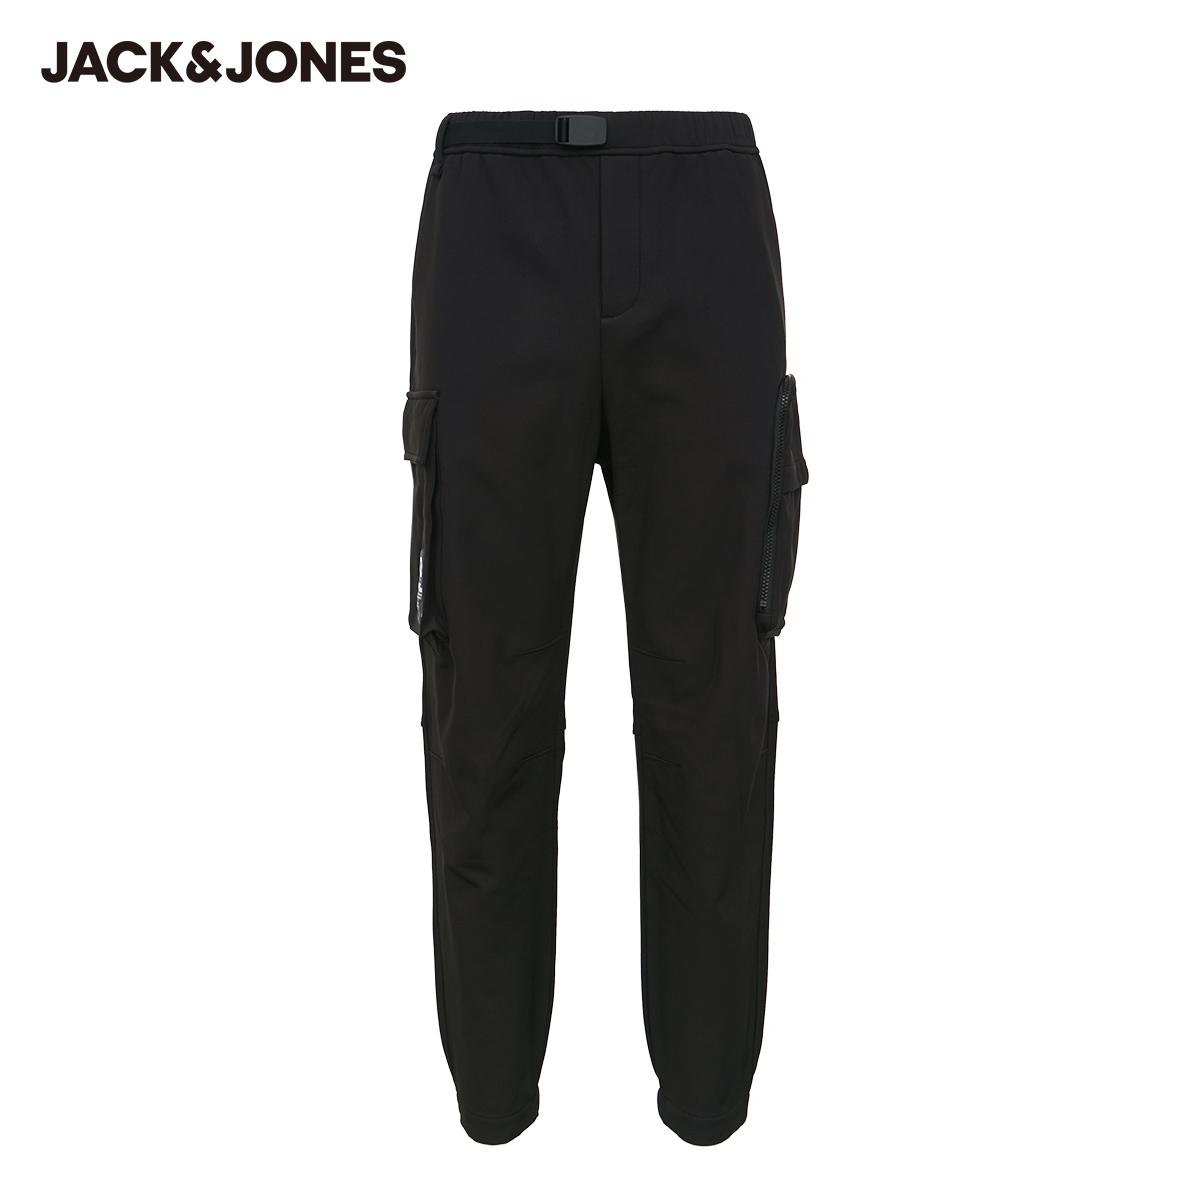 【预售】工装休闲裤加厚加绒新款男潮流机能街头杰克琼斯